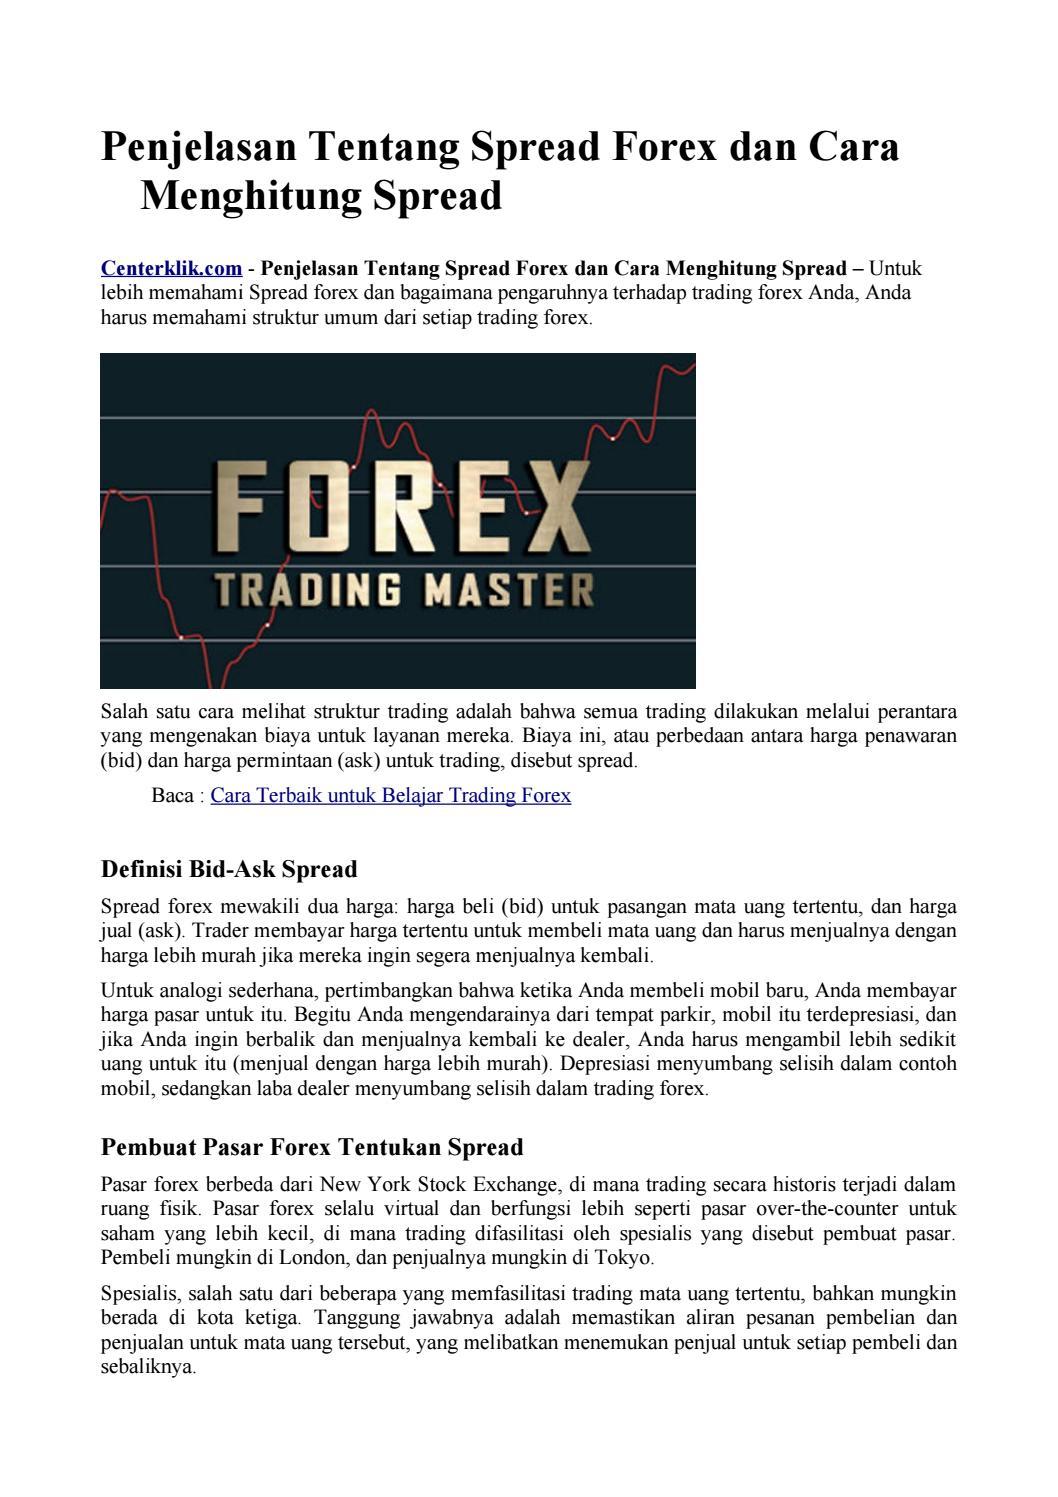 Bagaimana Cara Membaca Bid/Ask Forex ? | KASKUS